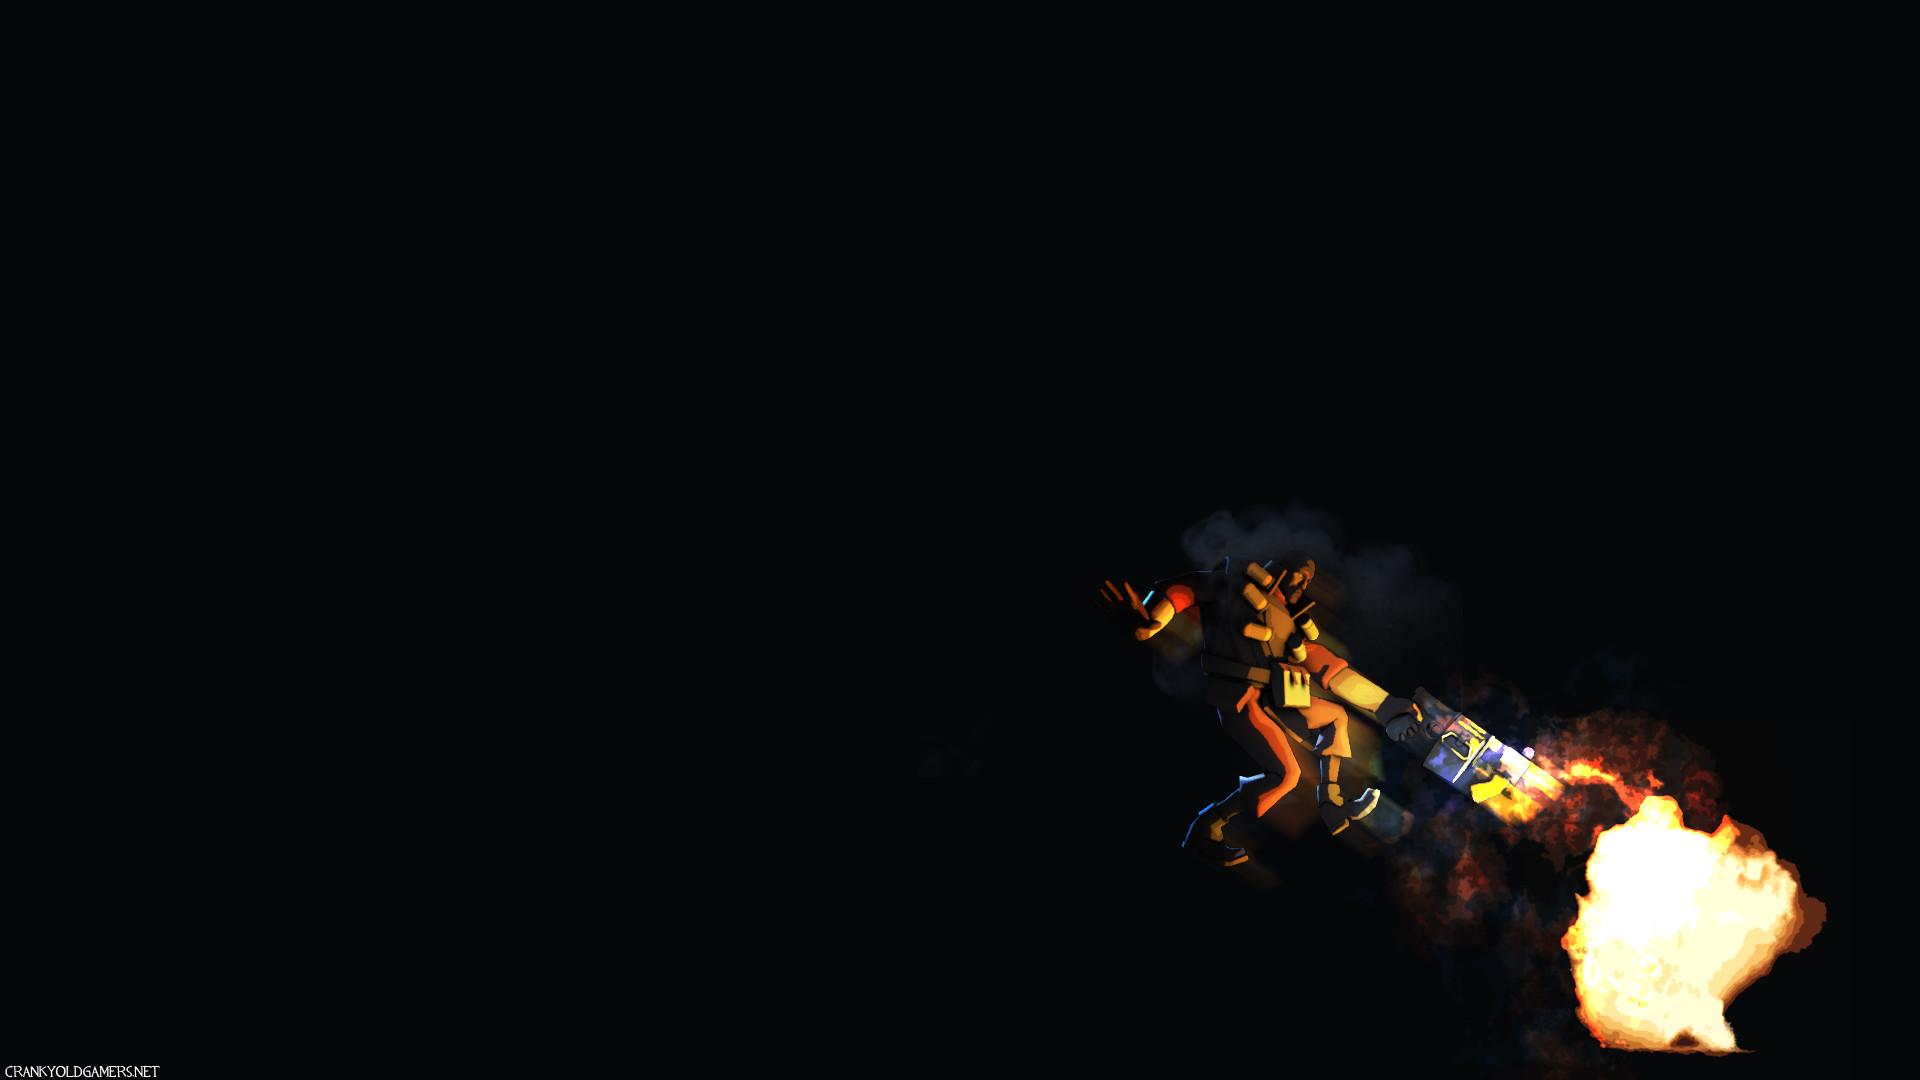 Next TF2 Wallpaper: Grenade Jumper